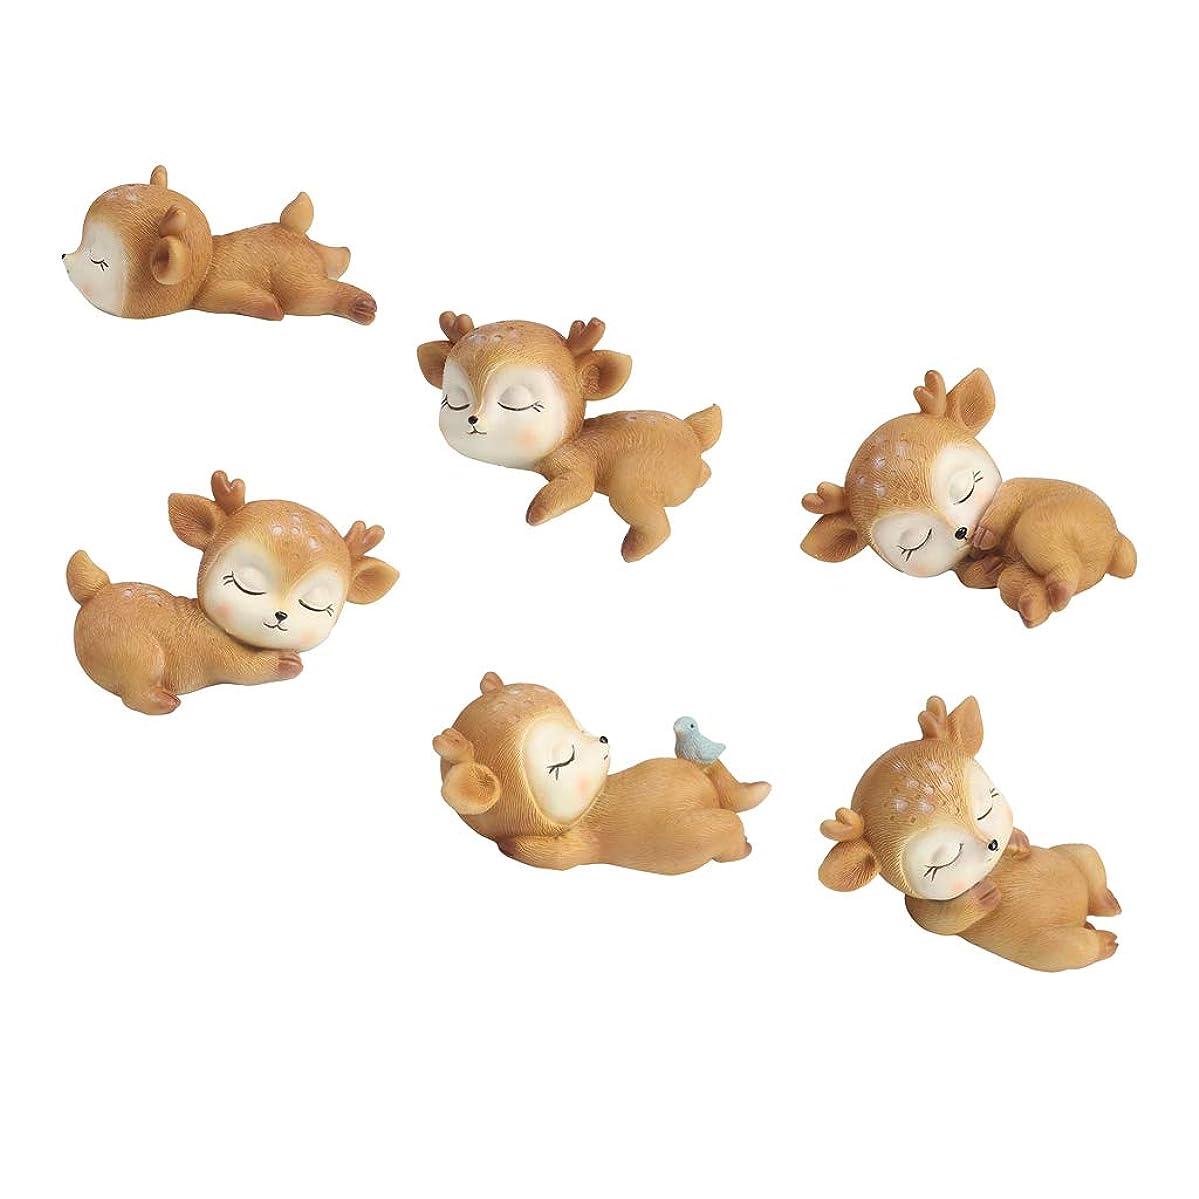 原点コテージ煩わしい鹿モデル 動物モデル 樹脂製ドールハウス飾り 6個セット ミクロ風景 盆栽装飾 置物